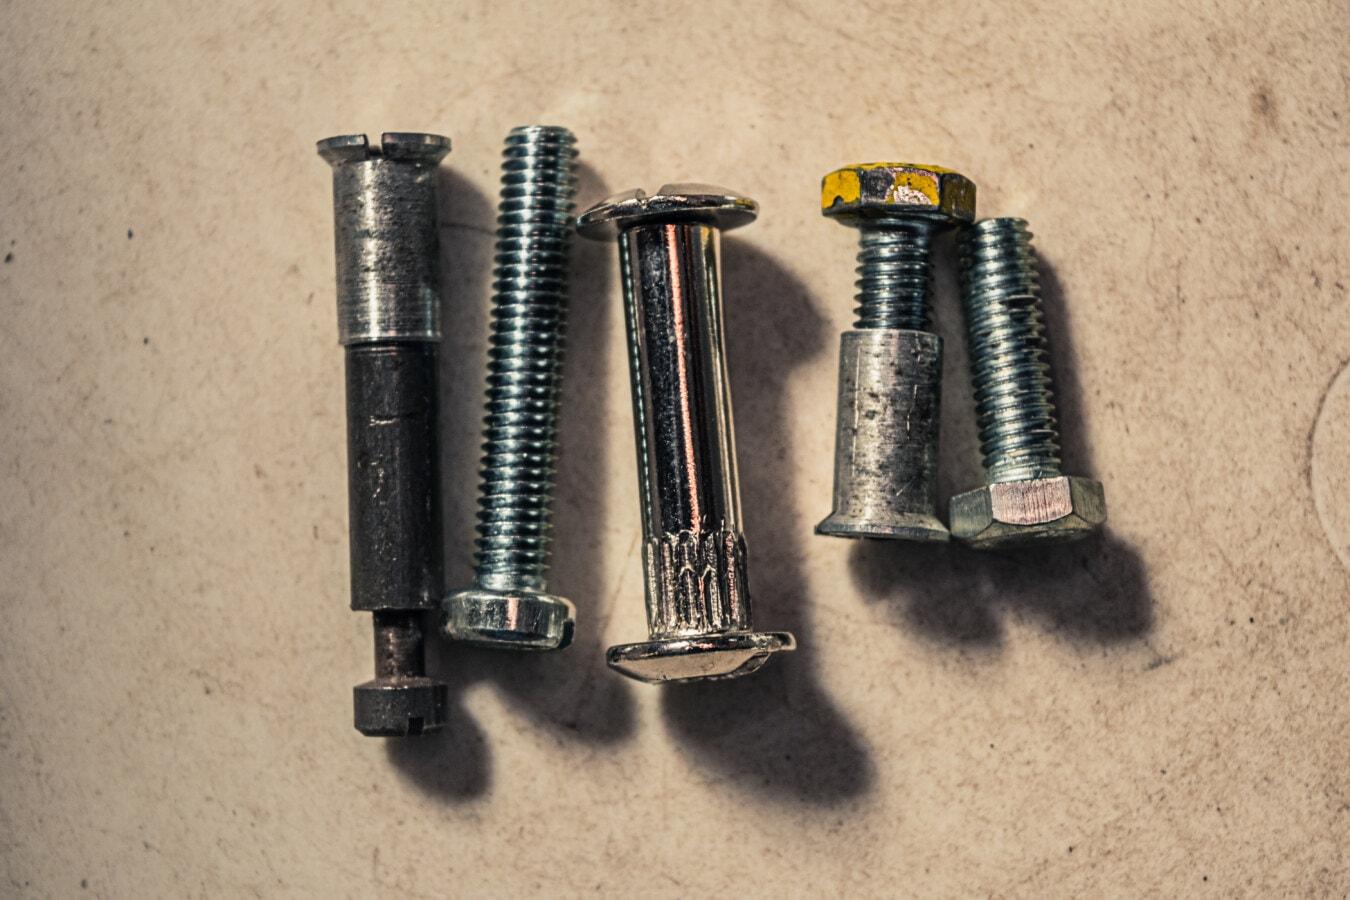 하드웨어, 스테인레스 스틸, 나사, 금속, 스틸, 산업, 기술, 철, 오래 된, 더러운